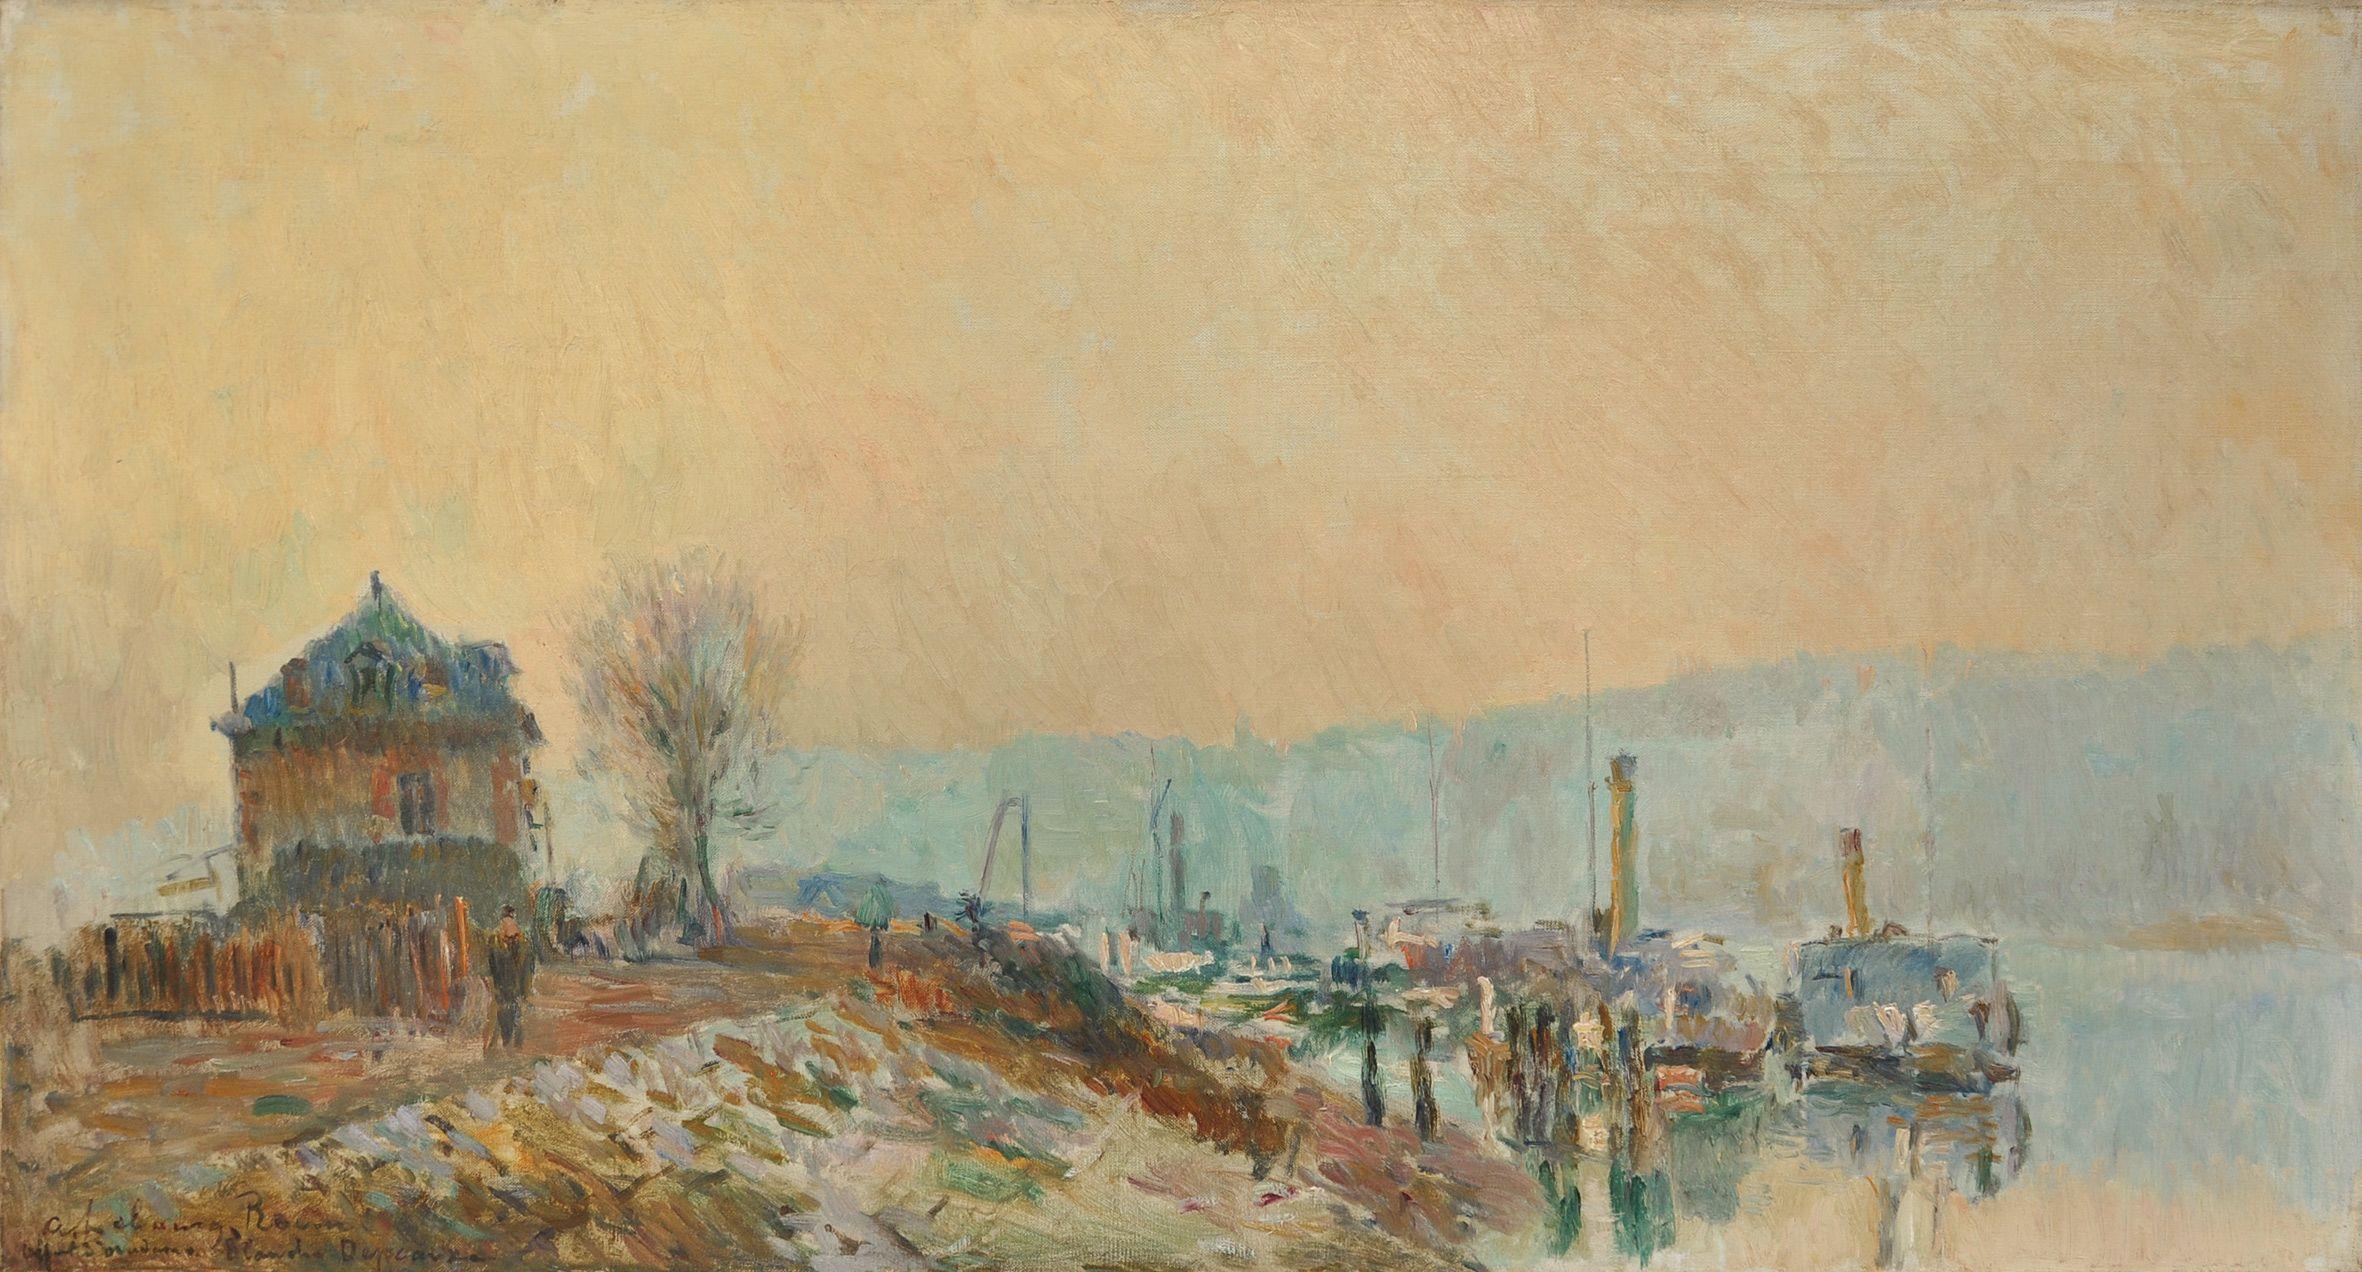 Peintres Ecole De Rouen albert lebourg - le quai au bois à rouen | impressionnisme